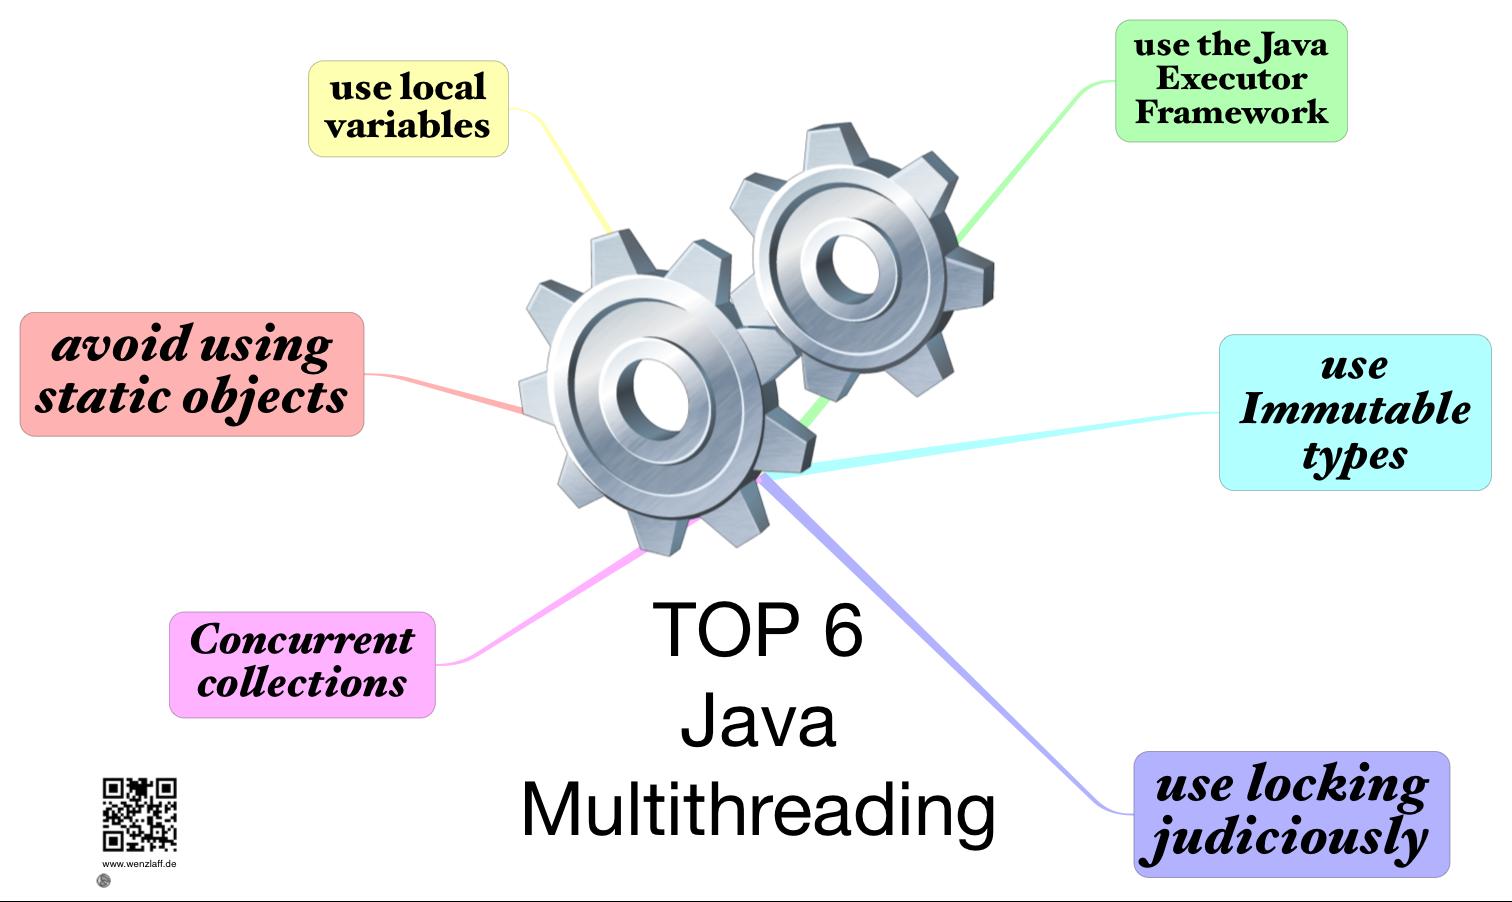 java-multithreading